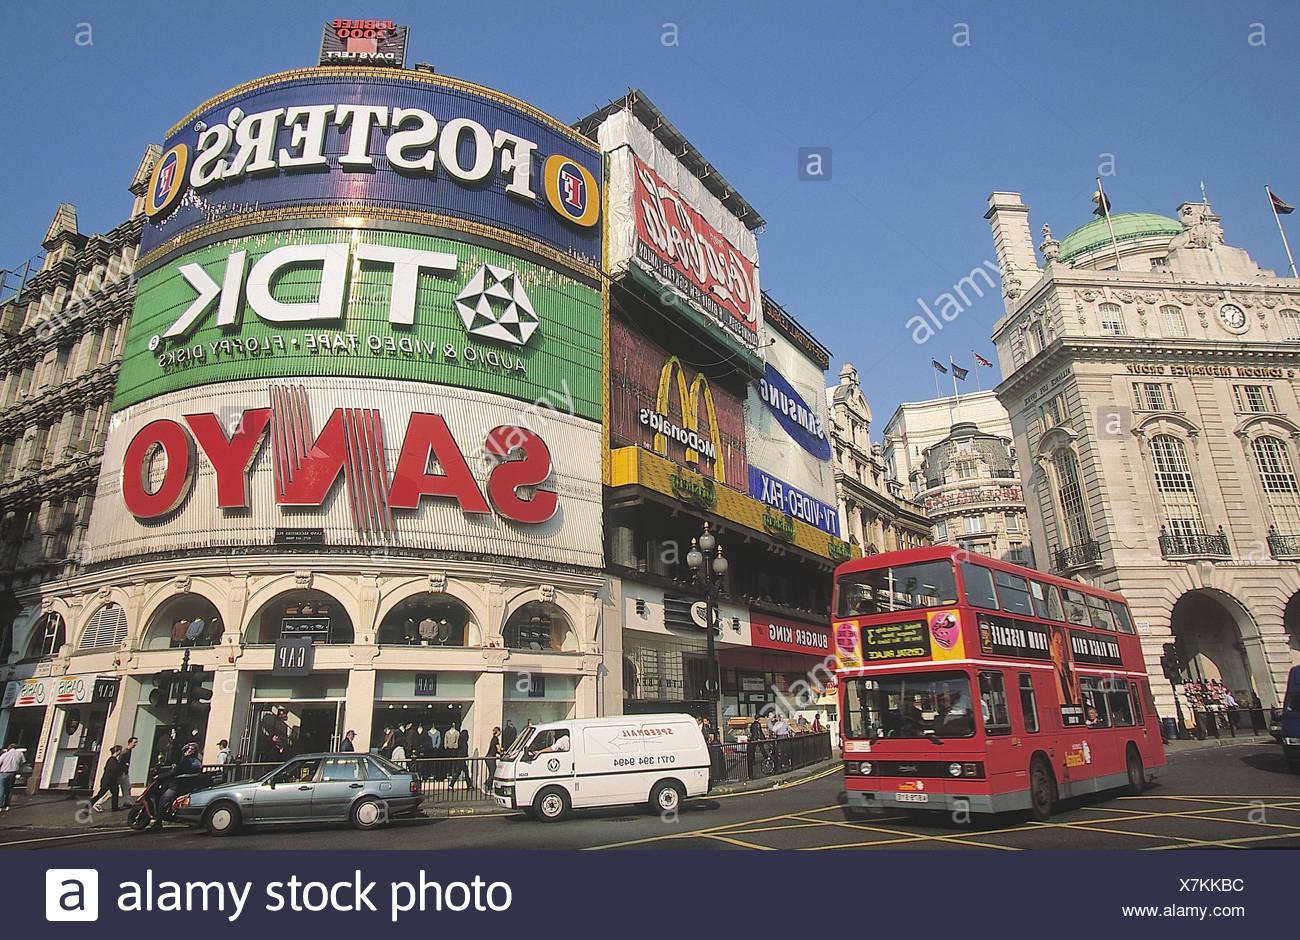 Großbritannien, London, Piccadilly Circus, Straßenszene,  Doppeldeckerbus England, Hauptstadt, Sehenswürdigkeit, Verkehr, Straße, Bus, rot, Personenbeförderung, Verkehrsmittel, öffentlich, außen, - Stock Image